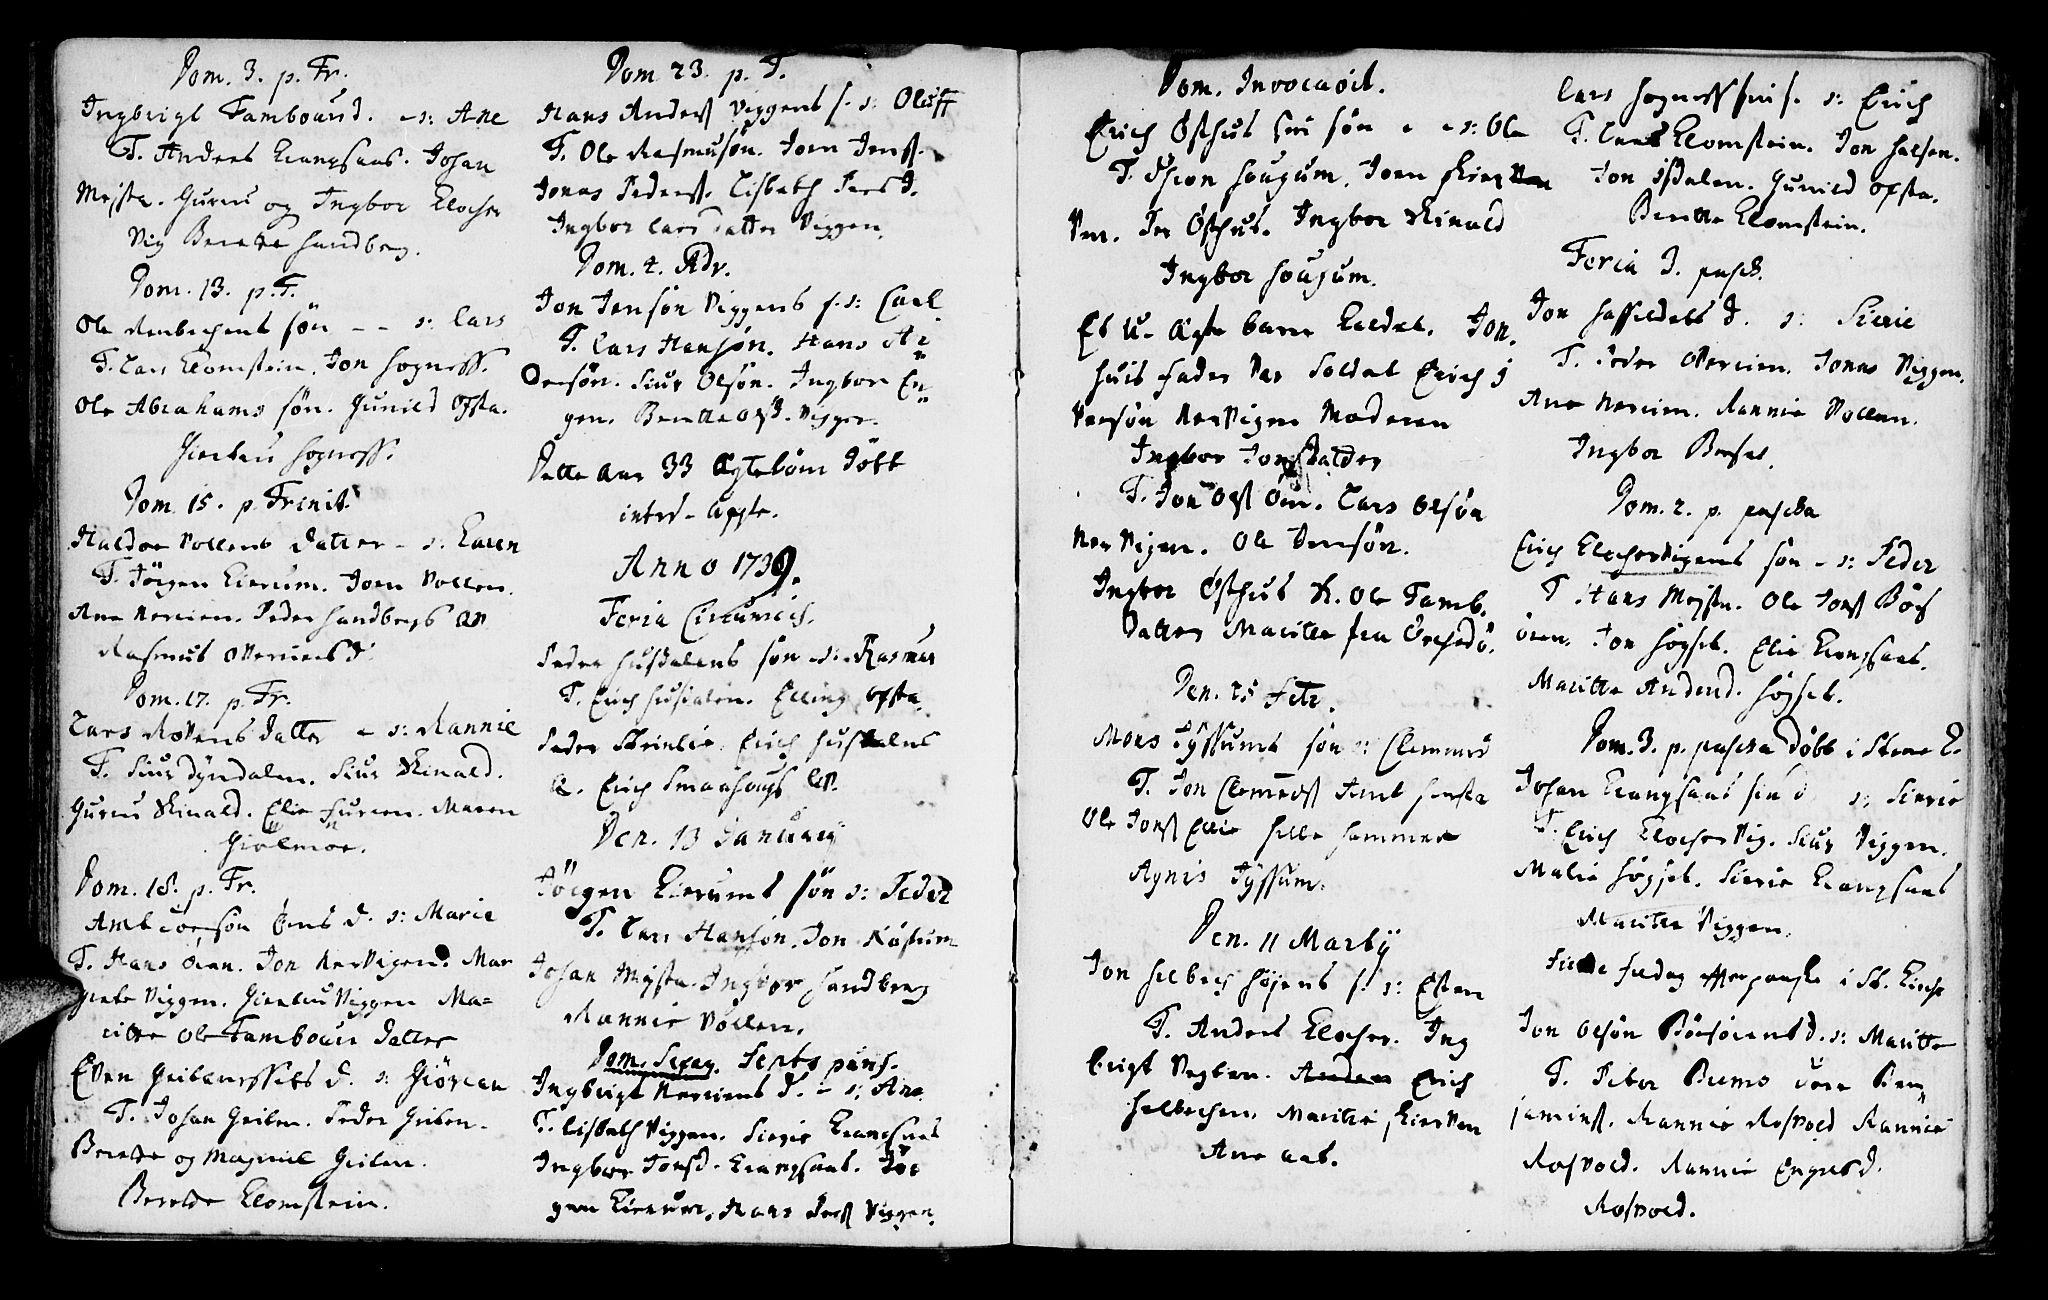 SAT, Ministerialprotokoller, klokkerbøker og fødselsregistre - Sør-Trøndelag, 665/L0767: Parish register (official) no. 665A02, 1735-1753